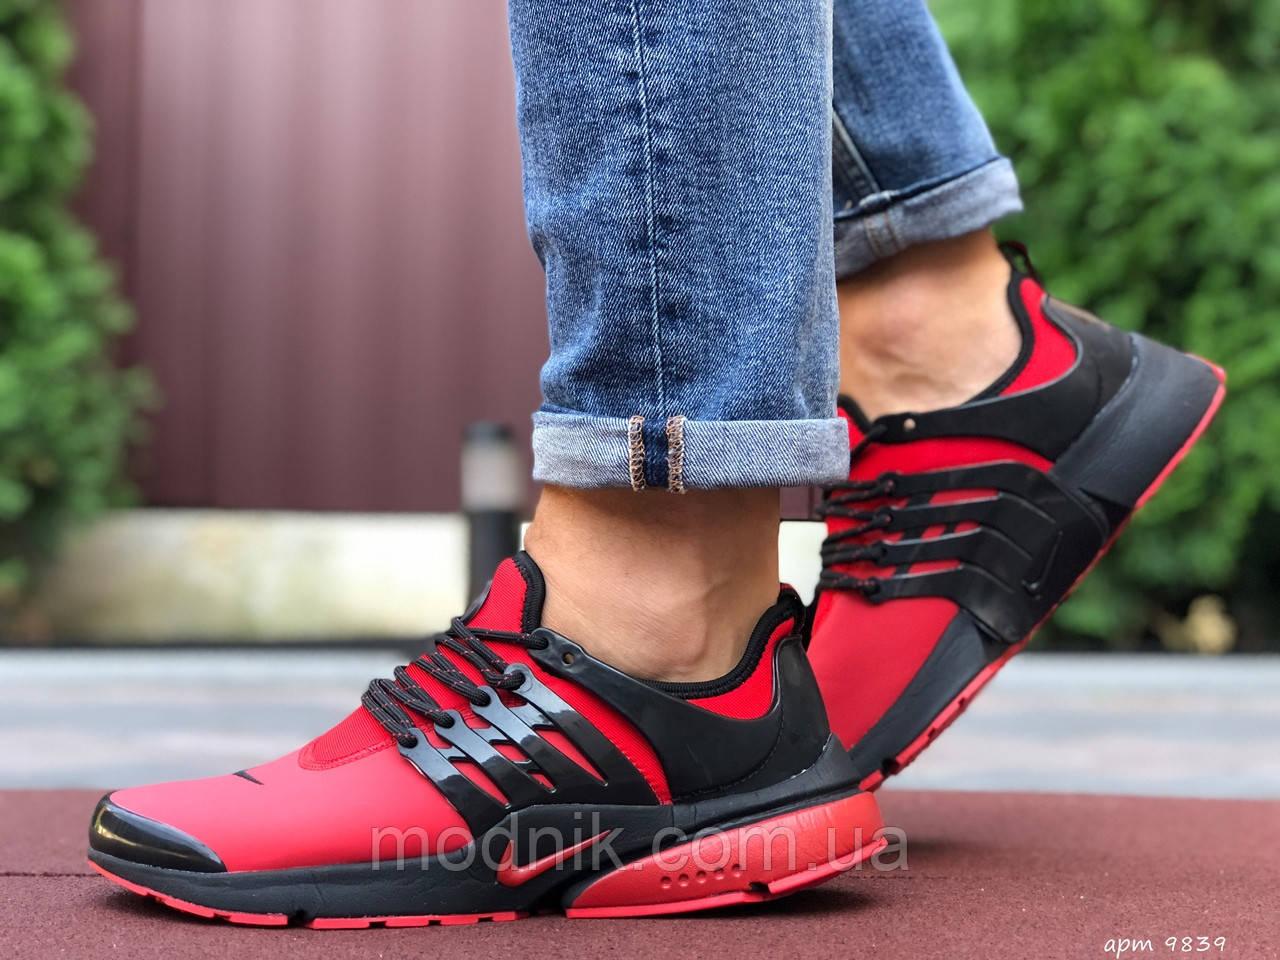 Мужские кроссовки Niке Air Presto (красные) 9839